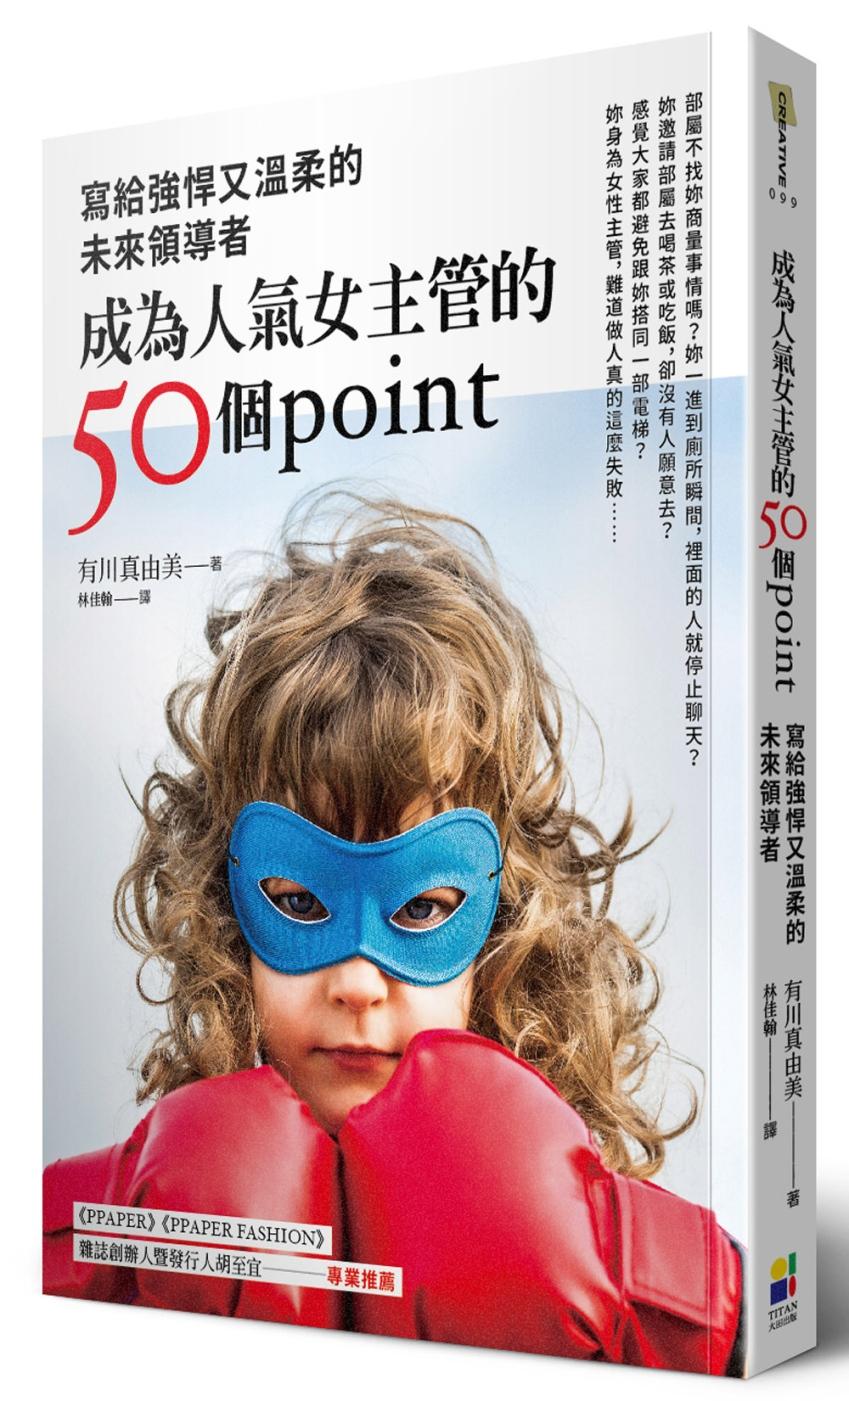 成為人氣女主管的50個point:寫給強悍又溫柔的未來領導者